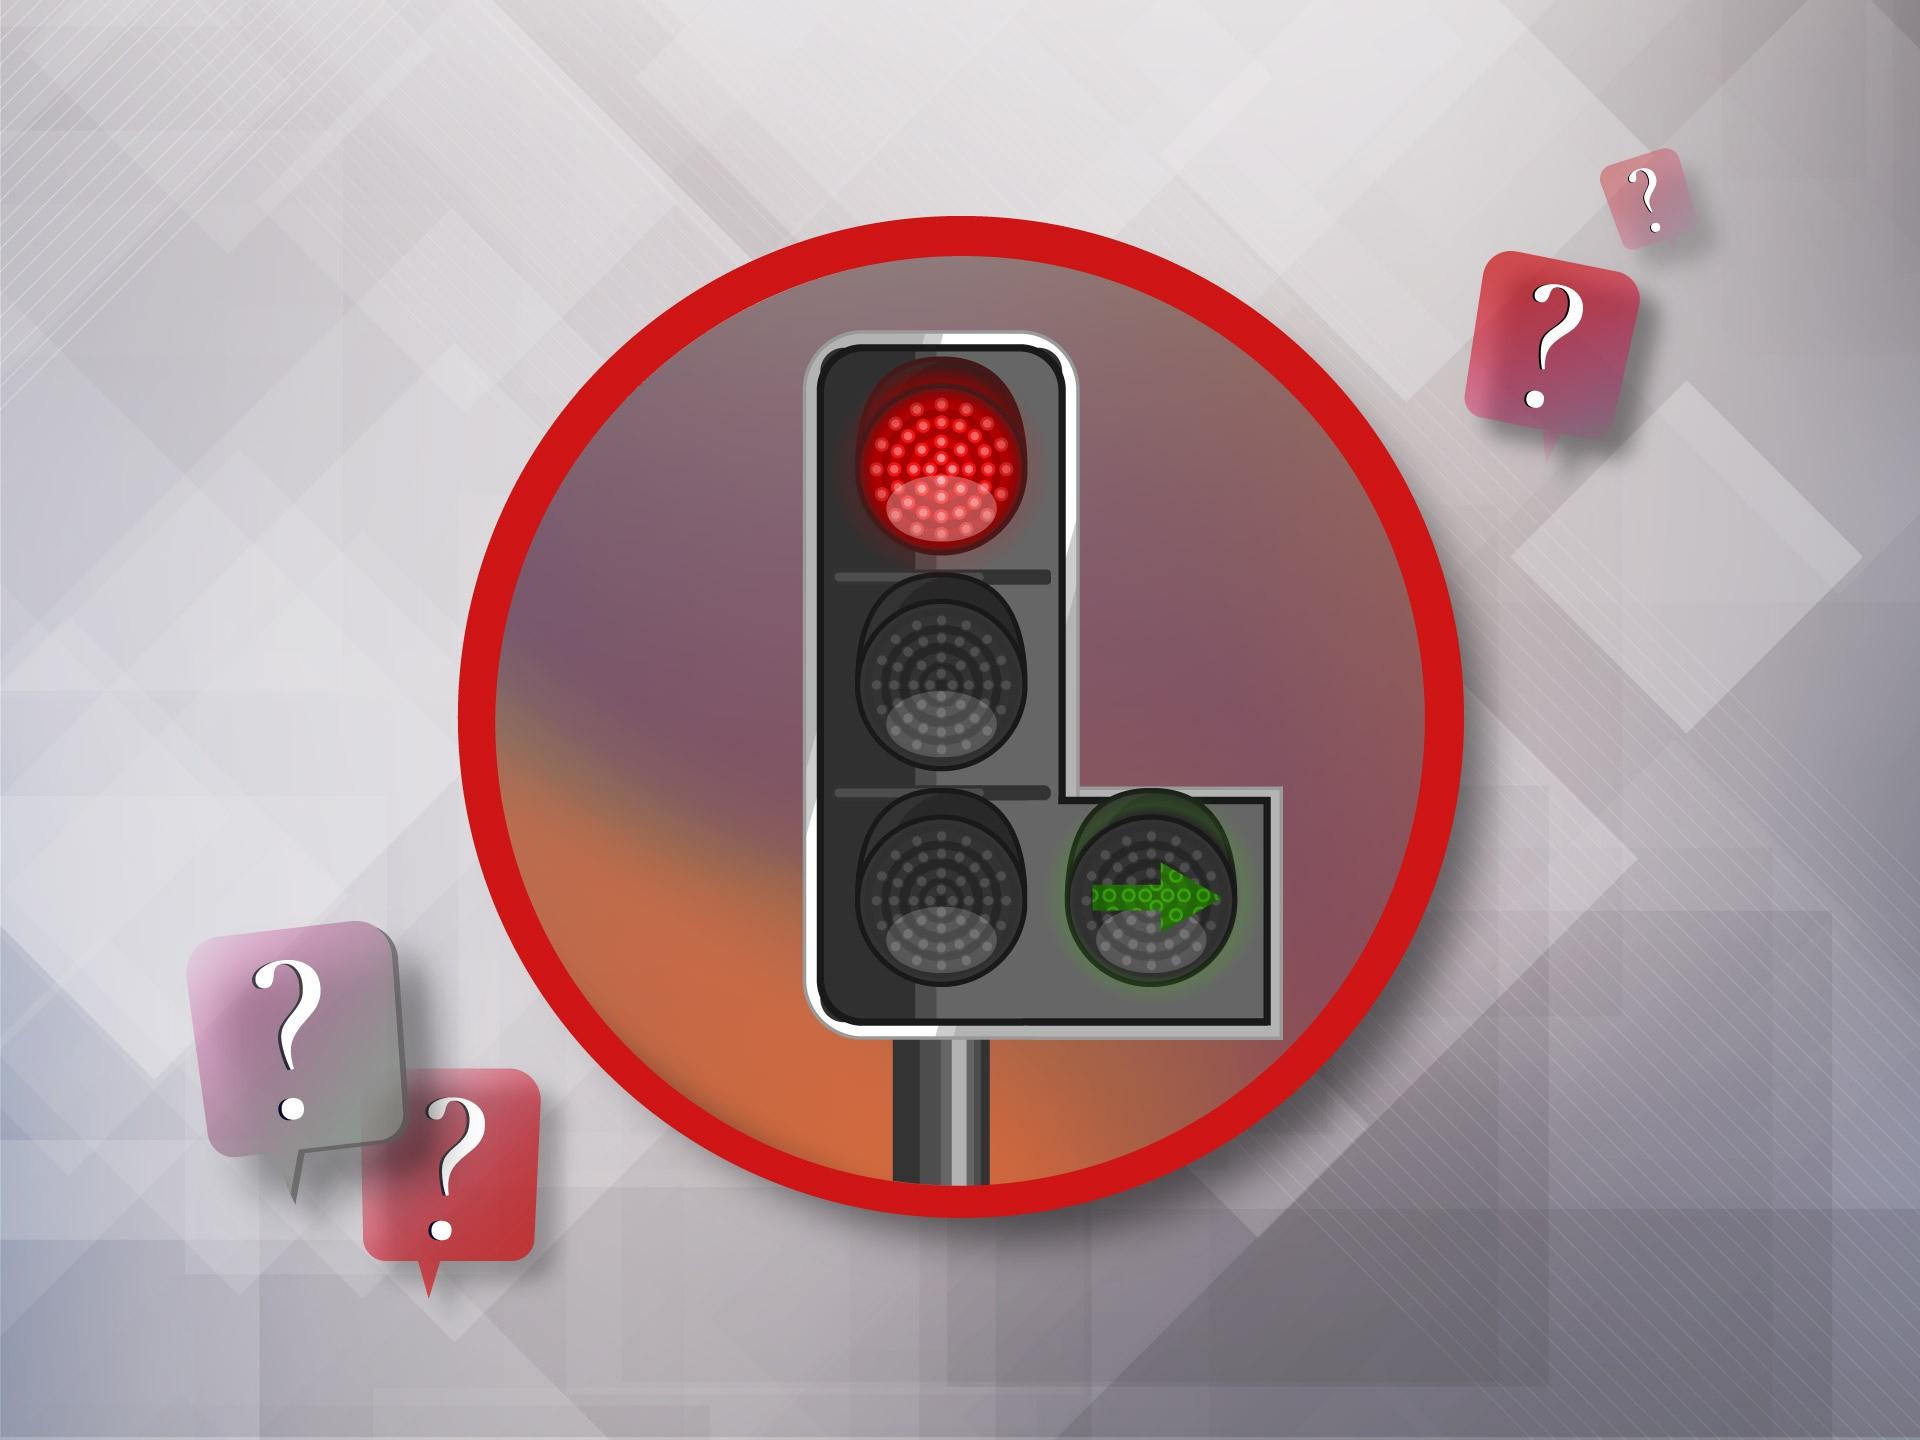 Можно ли не поворачивать на зеленую стрелку светофора, если вам нужно прямо авто,авто и мото,водителю на заметку,гибдд,дтп,машины,пдд,Россия,советы,штрафы и дтп